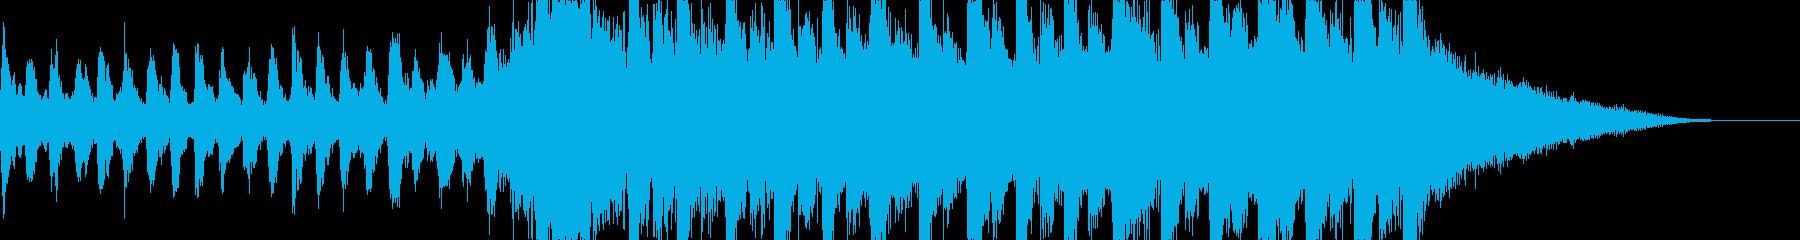 アクションアドベンチャースティンガ...の再生済みの波形